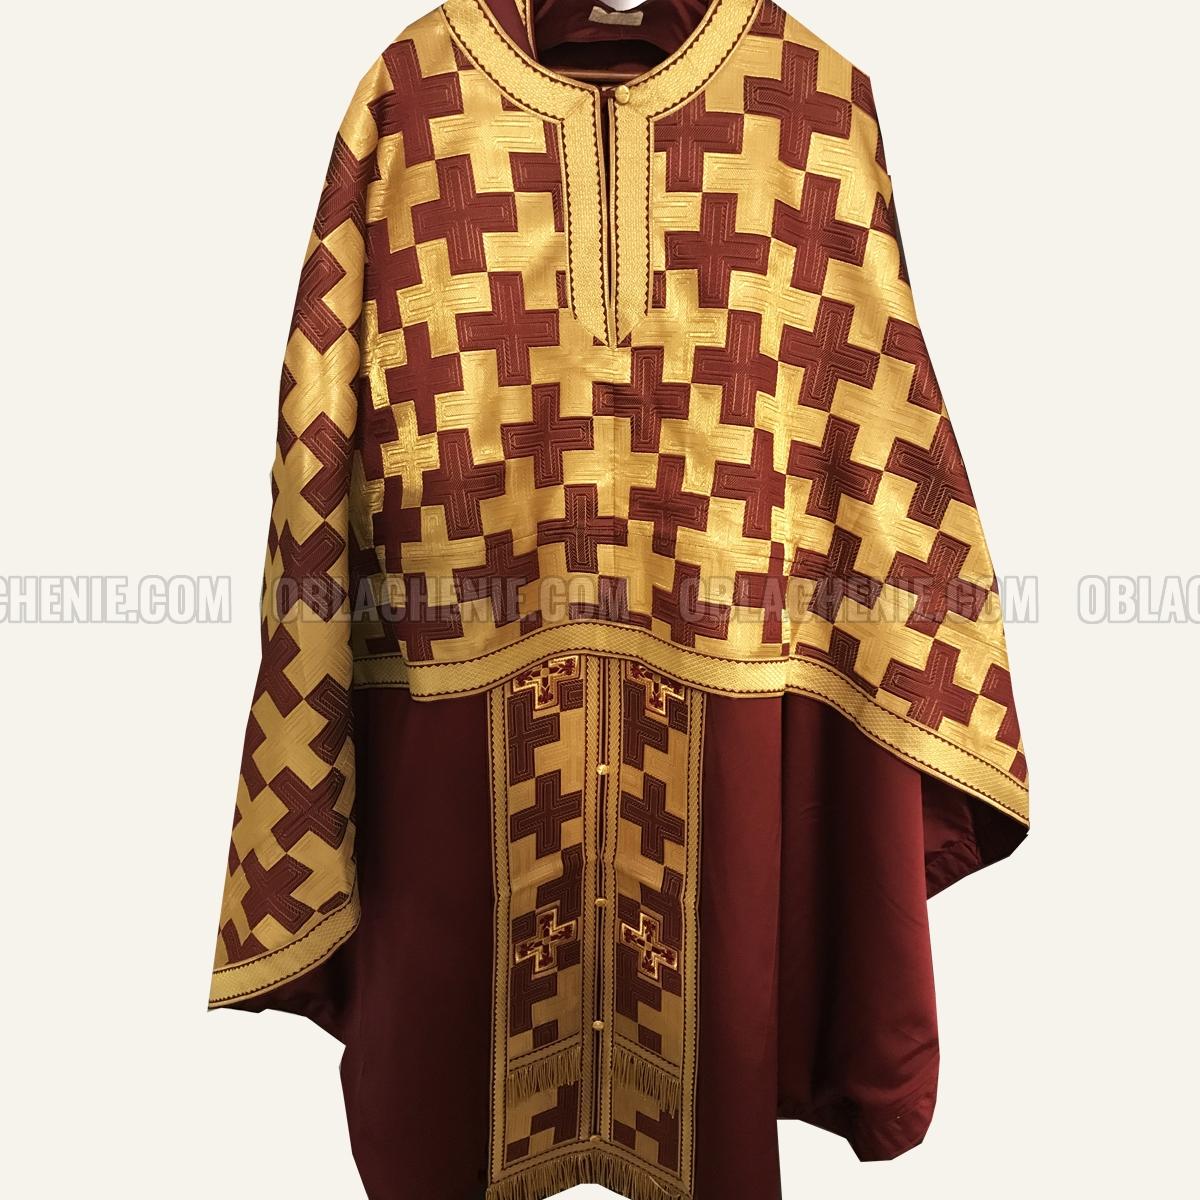 Priest's vestments 10152